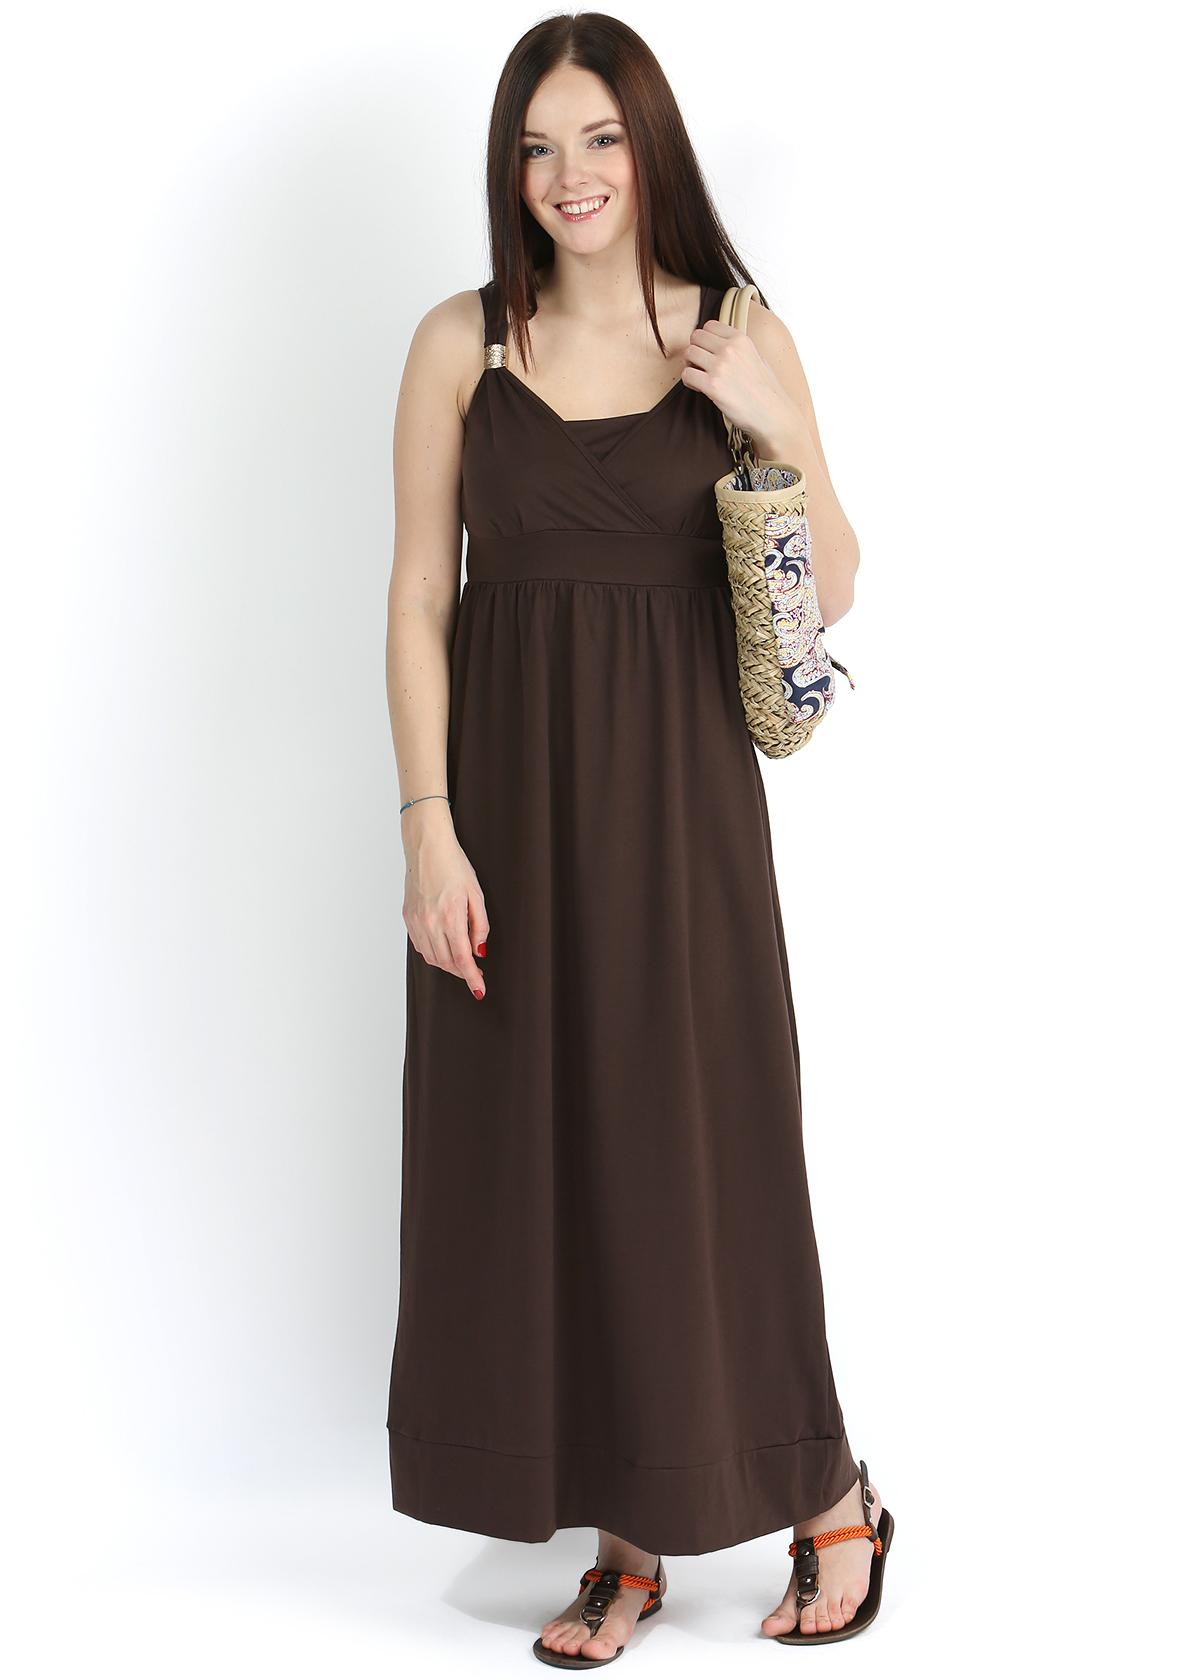 сарафан коричневый с чем носить фото